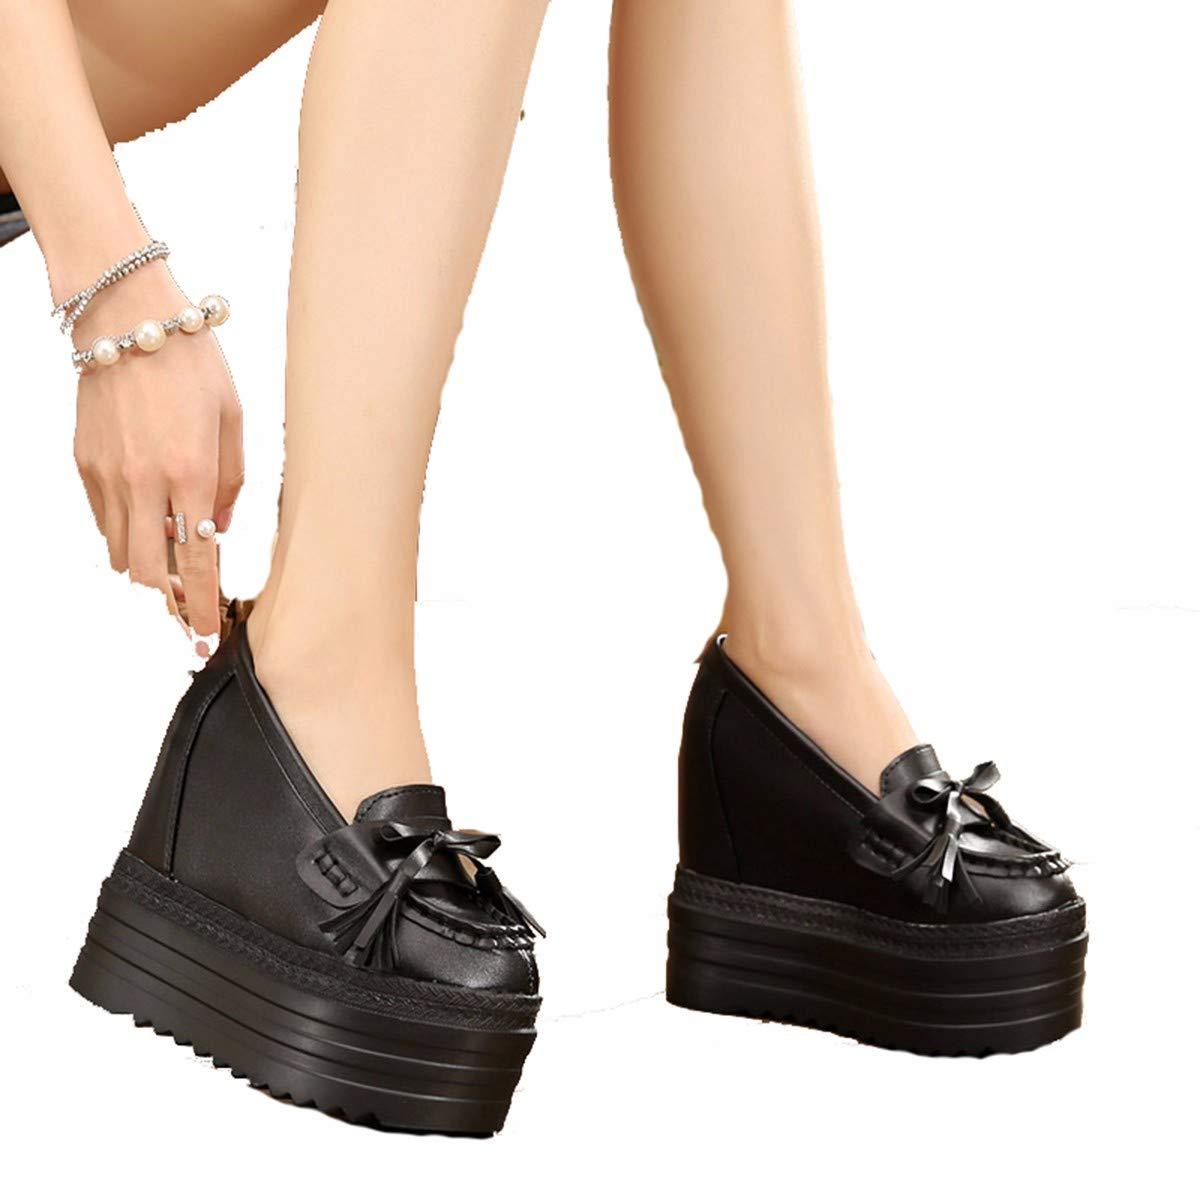 GTVERNH Damenschuhe Mode 12Cm Hochhackigen Schuhe Unten mit Erhöhten Muffins Unten Schuhe Schwarz Einzelne Schuhe Schrägen Mode Fransen Damenschuhe mit Fliegen. c8b77d